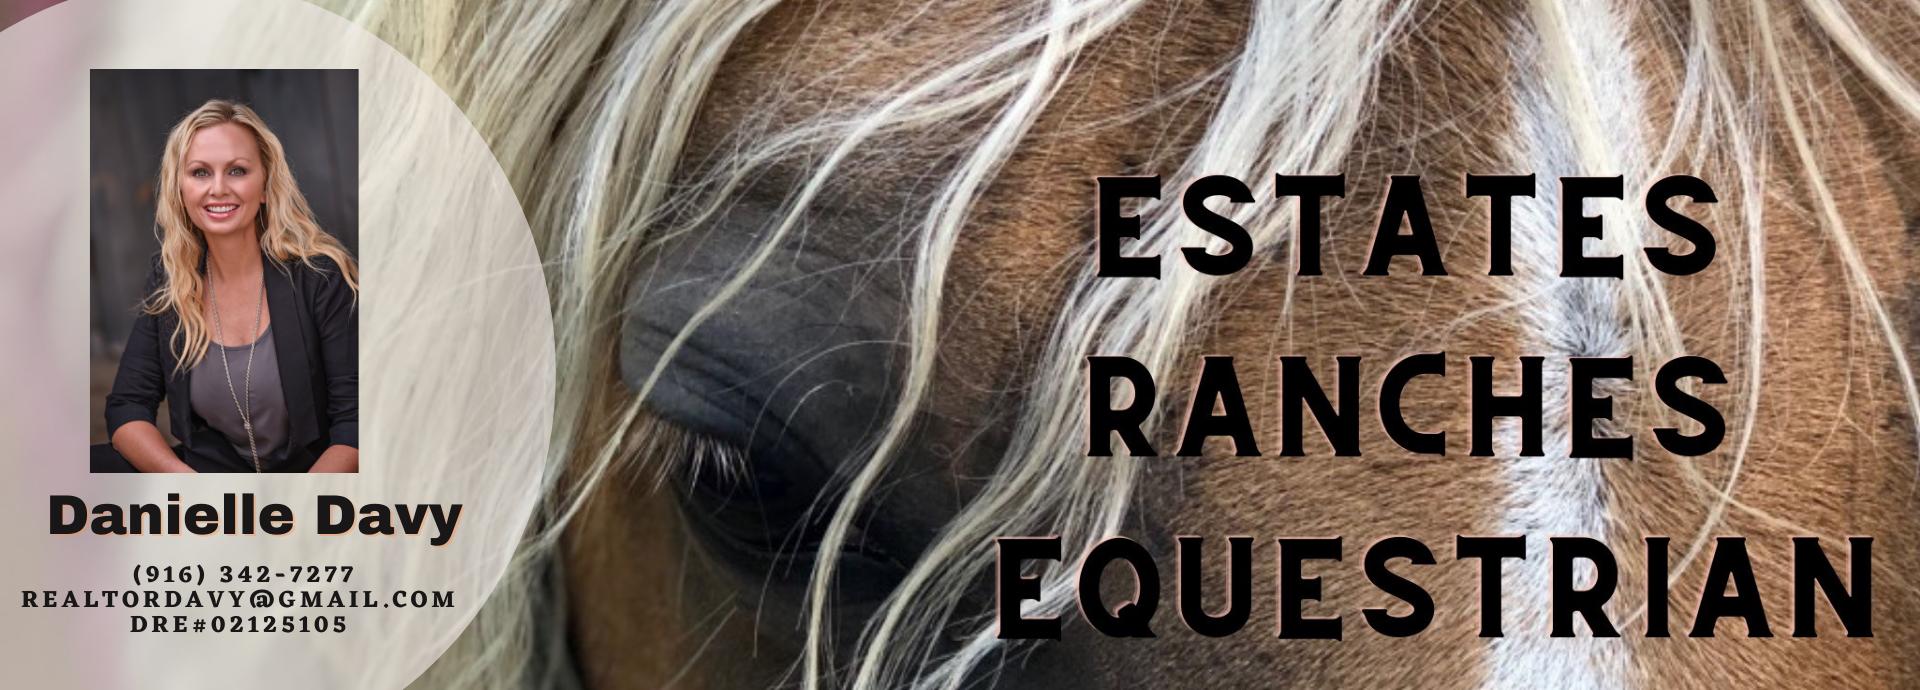 Estate Ranches Equestrian